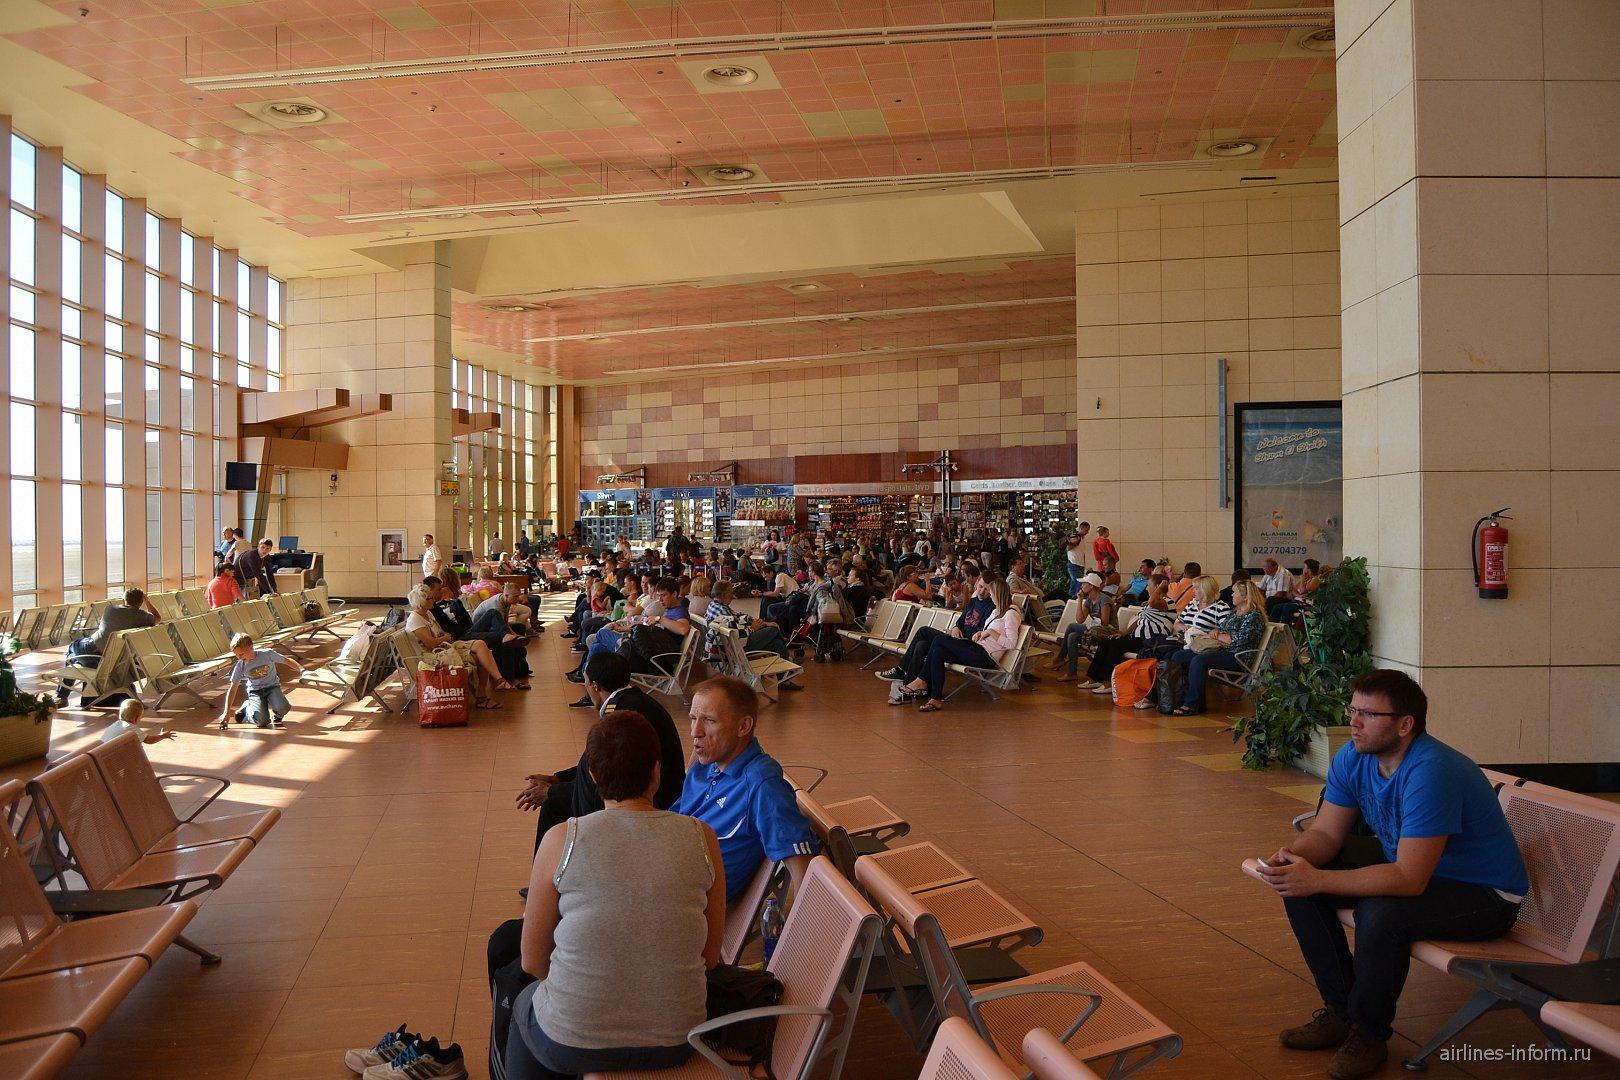 Зал ожидания в чистой зоне терминала 1 аэропорта Шарм-Эль-Шейх